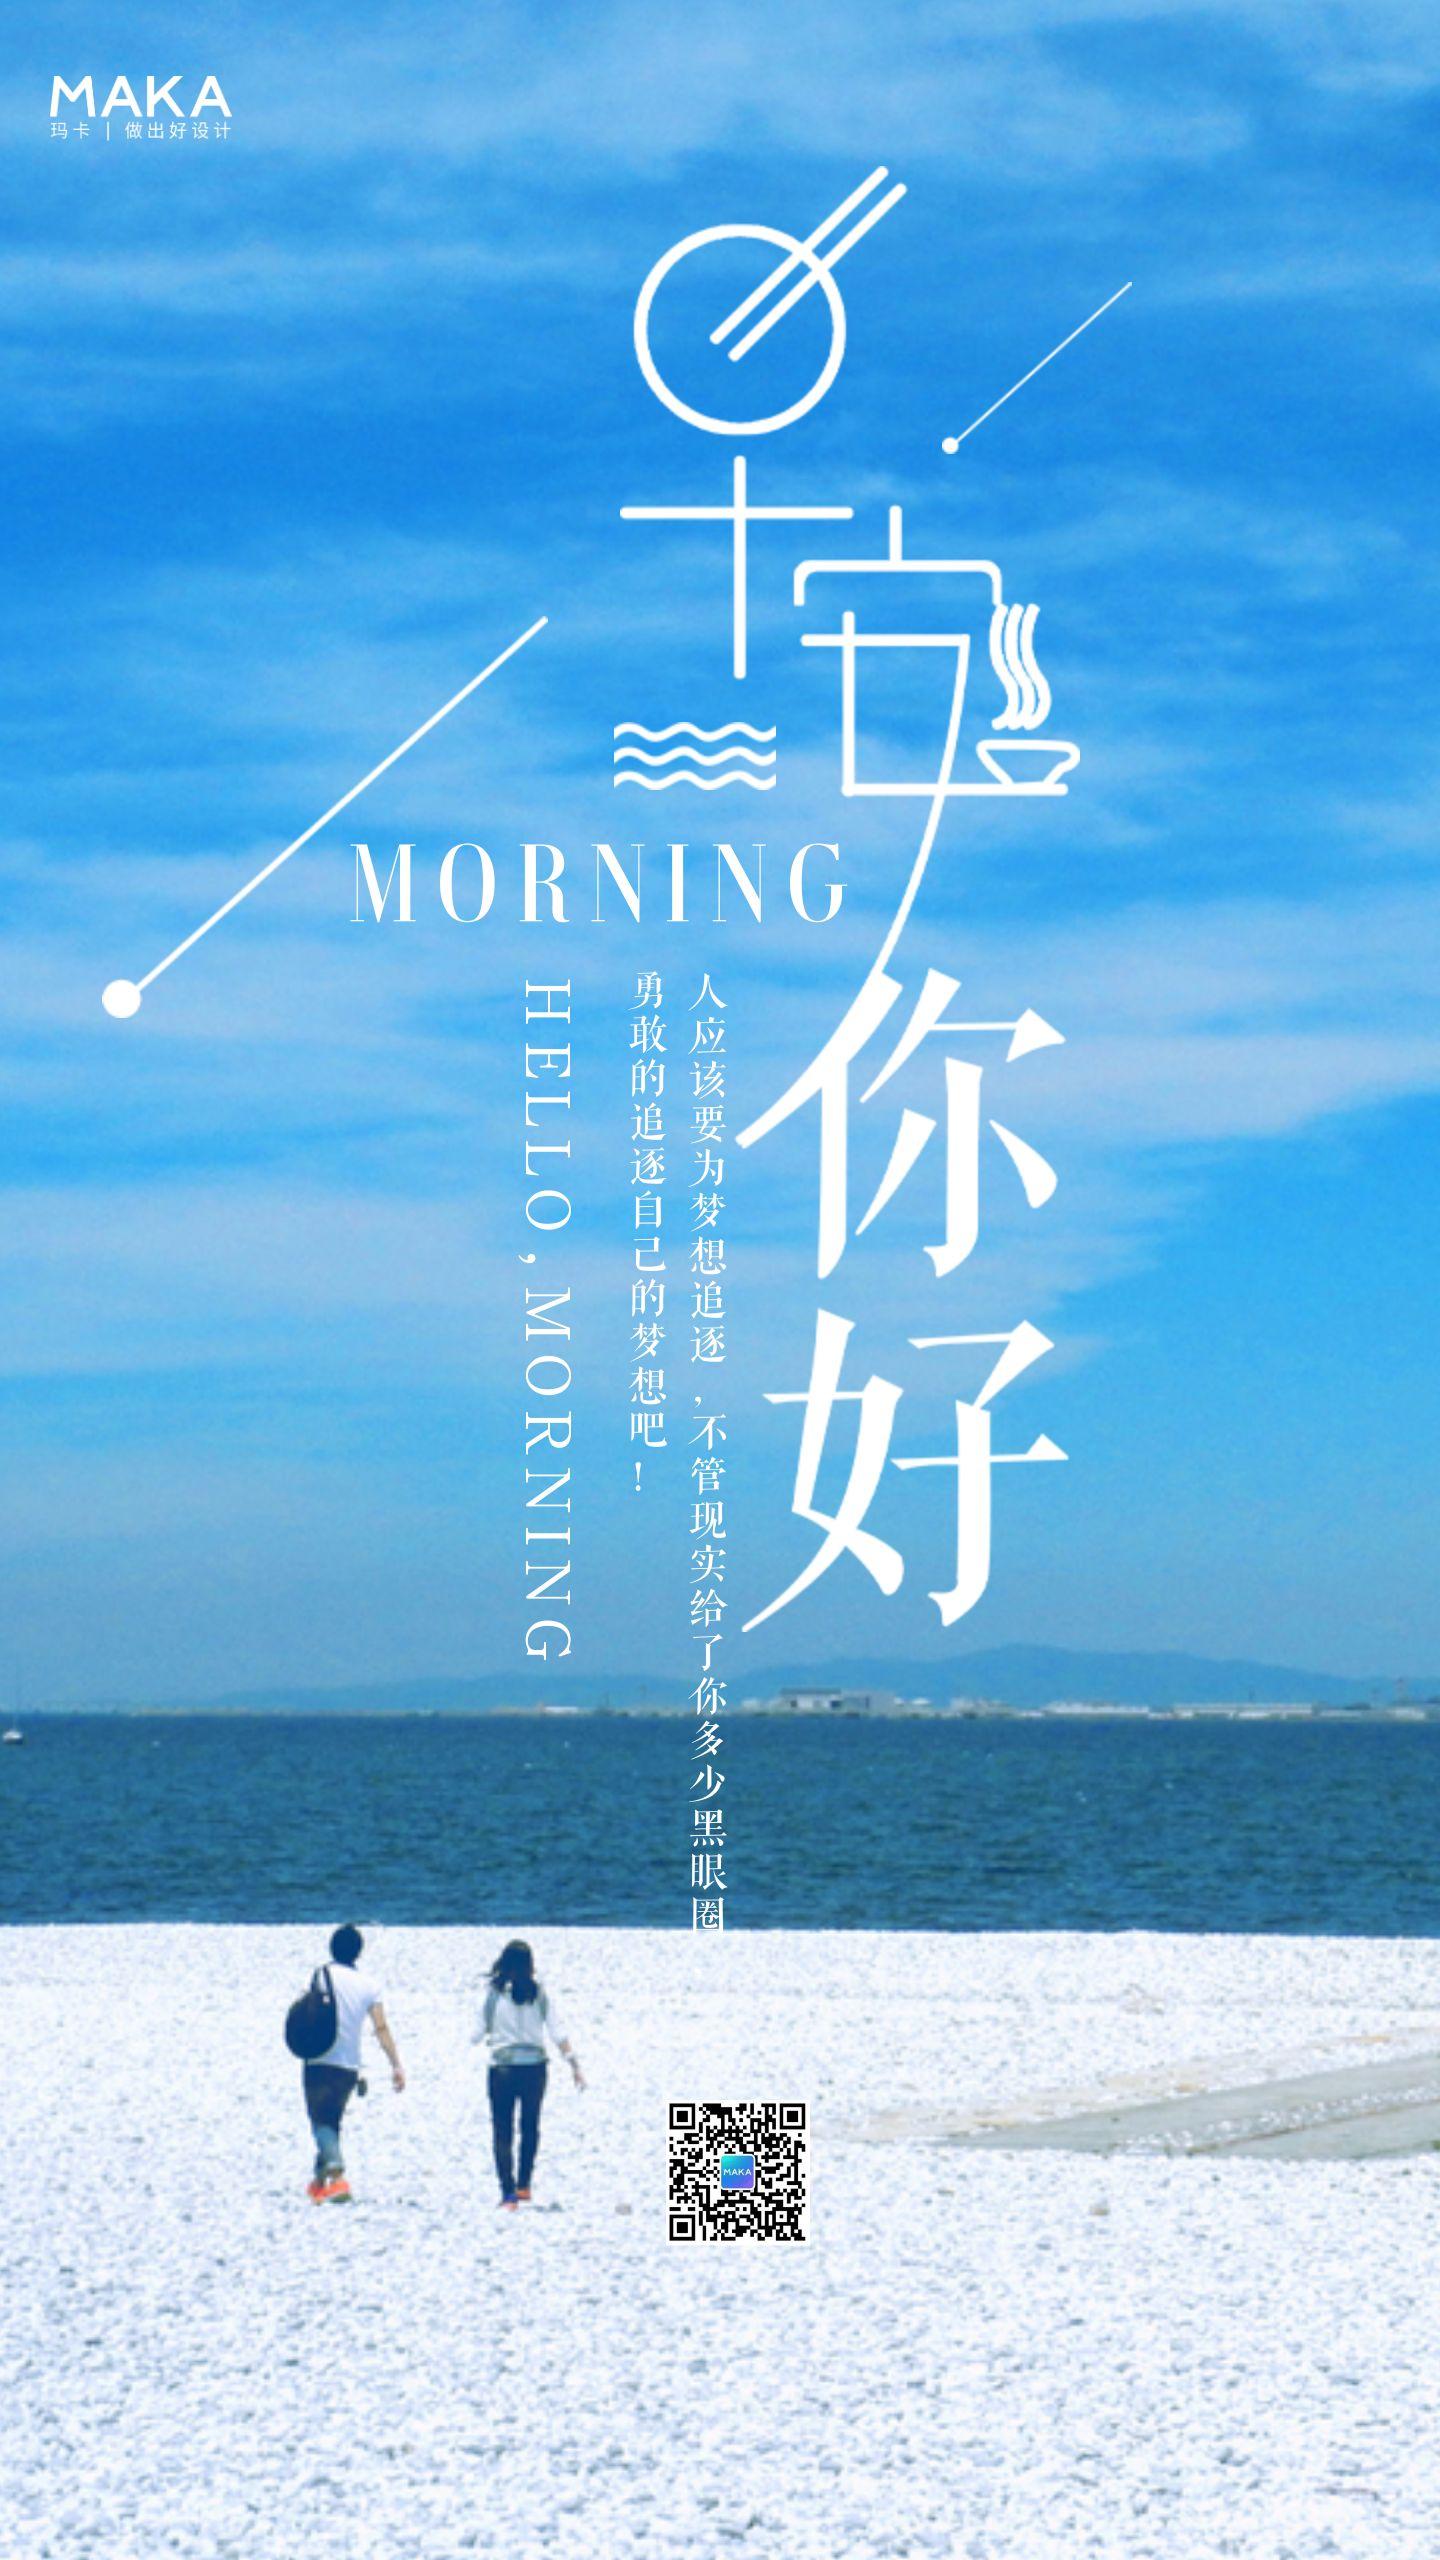 简约早安清新蓝色大海沙滩文艺早安你好日签早安心情寄语宣传海报、